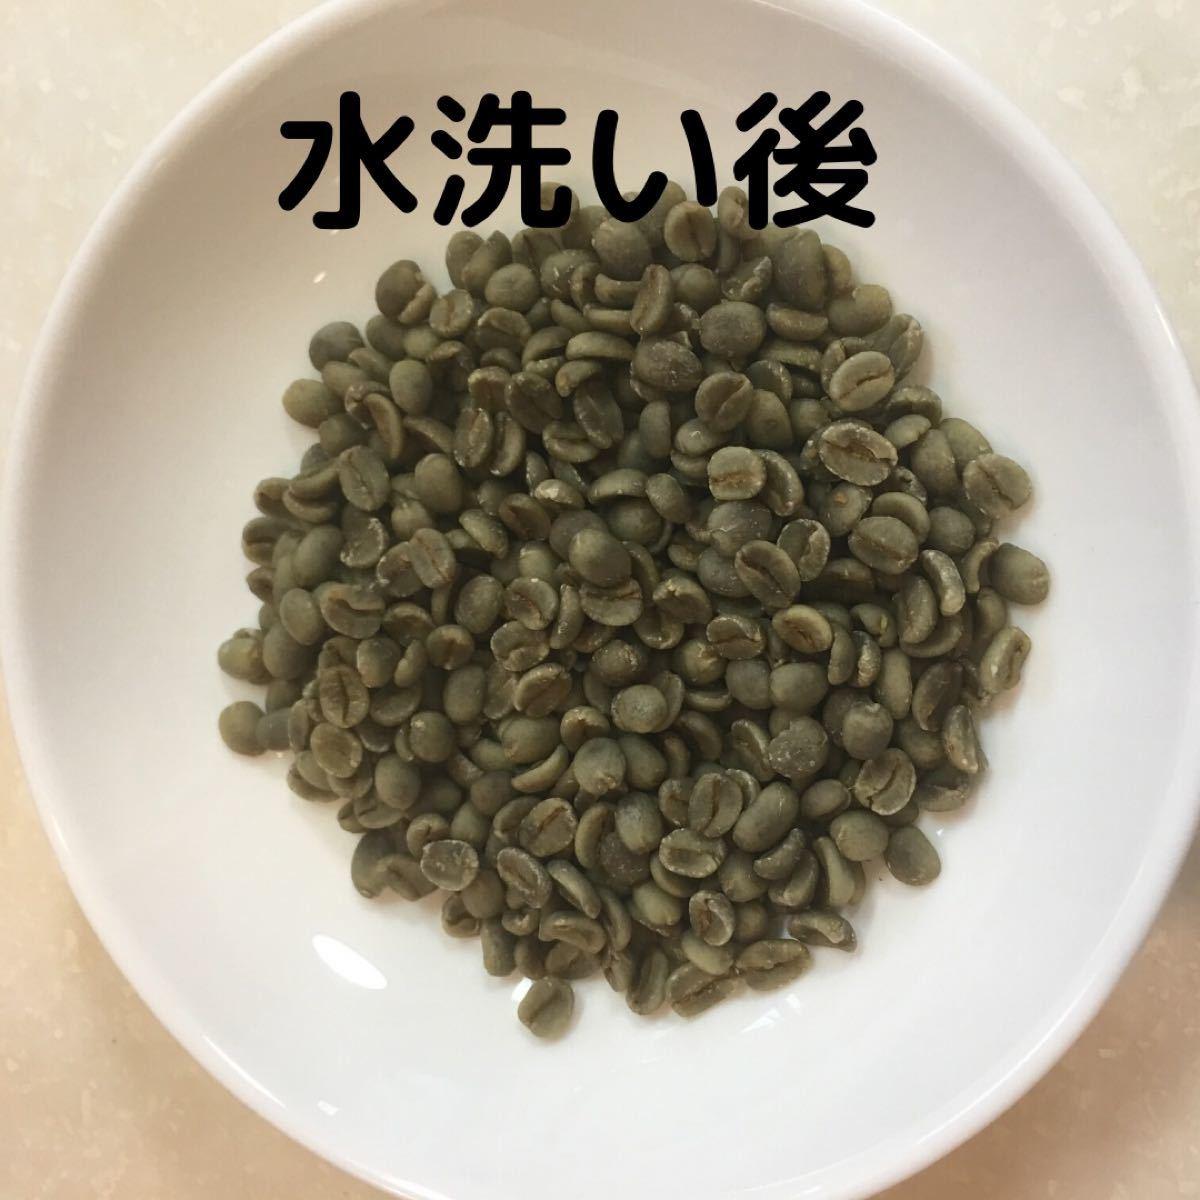 自家焙煎 ブラジル アロマショコラRA UTZ 300g(豆又は粉)